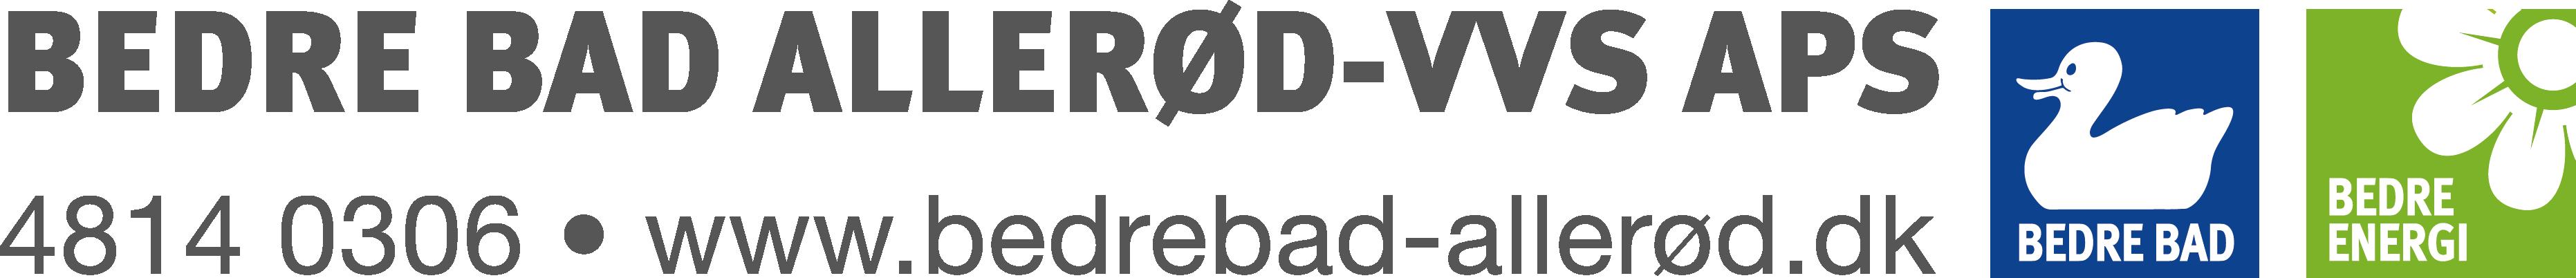 Allerød logo med tlf og www 2020